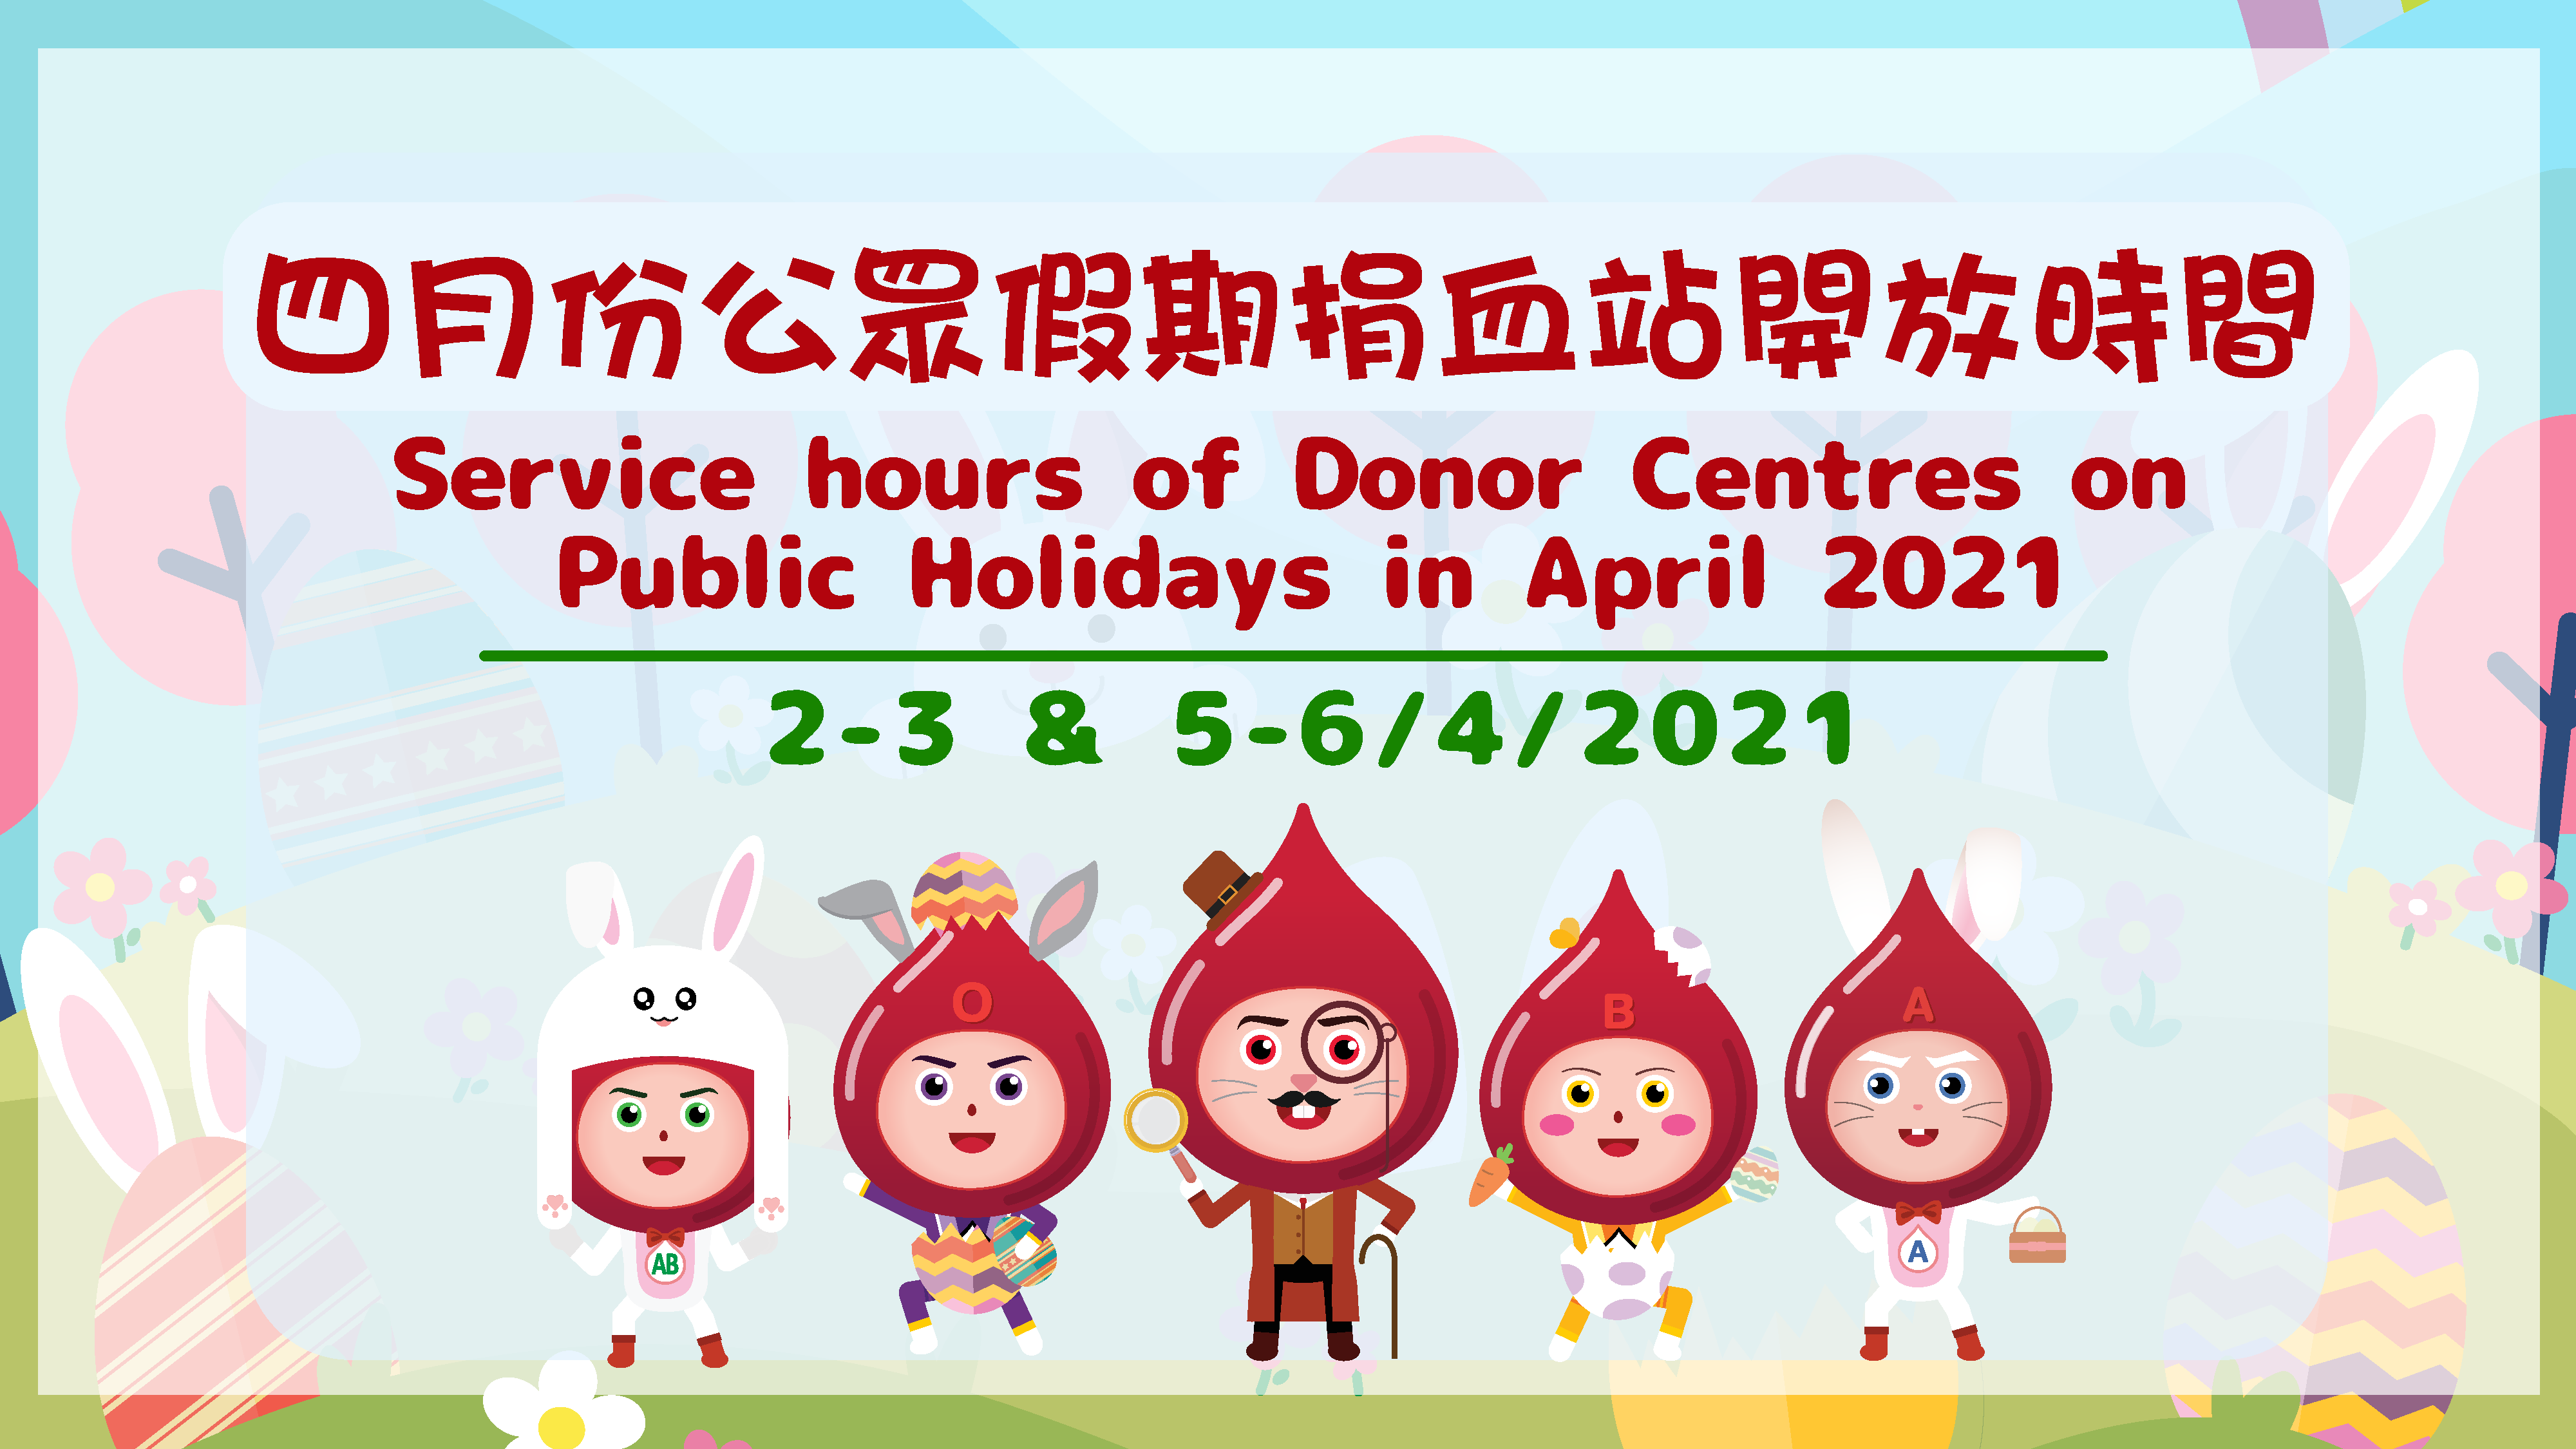 圖片 四月份公眾假期捐血站開放時間